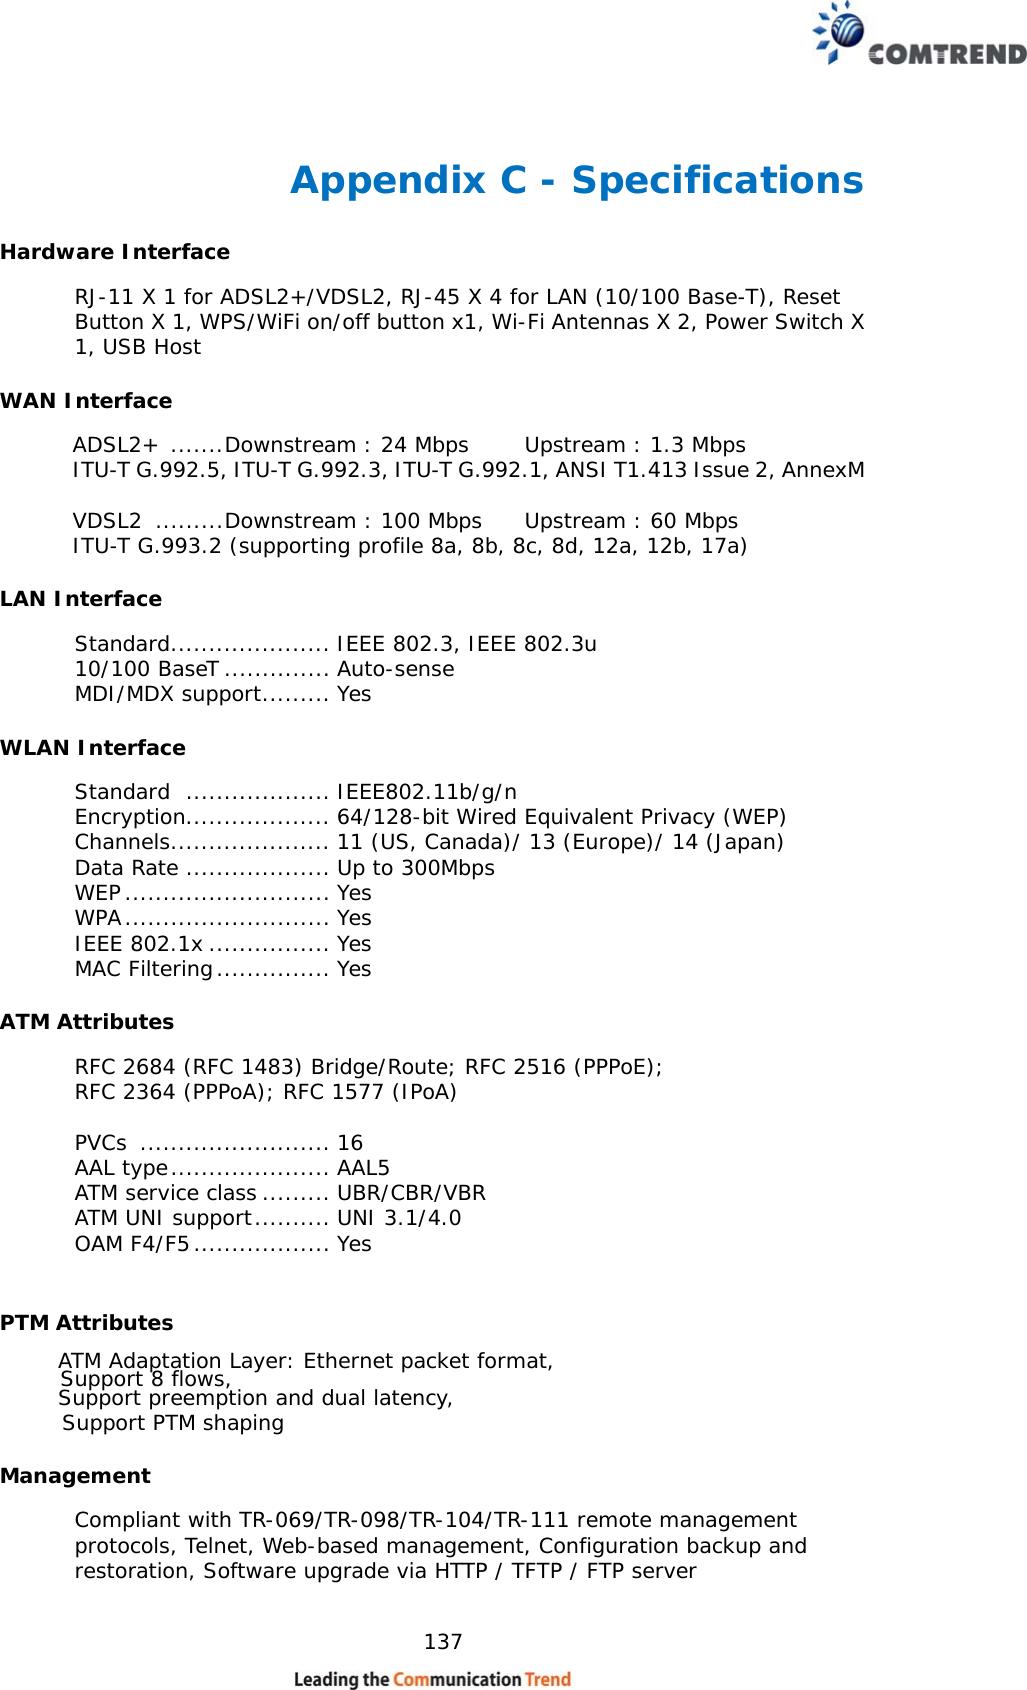 dlink dsl 4320l user manual